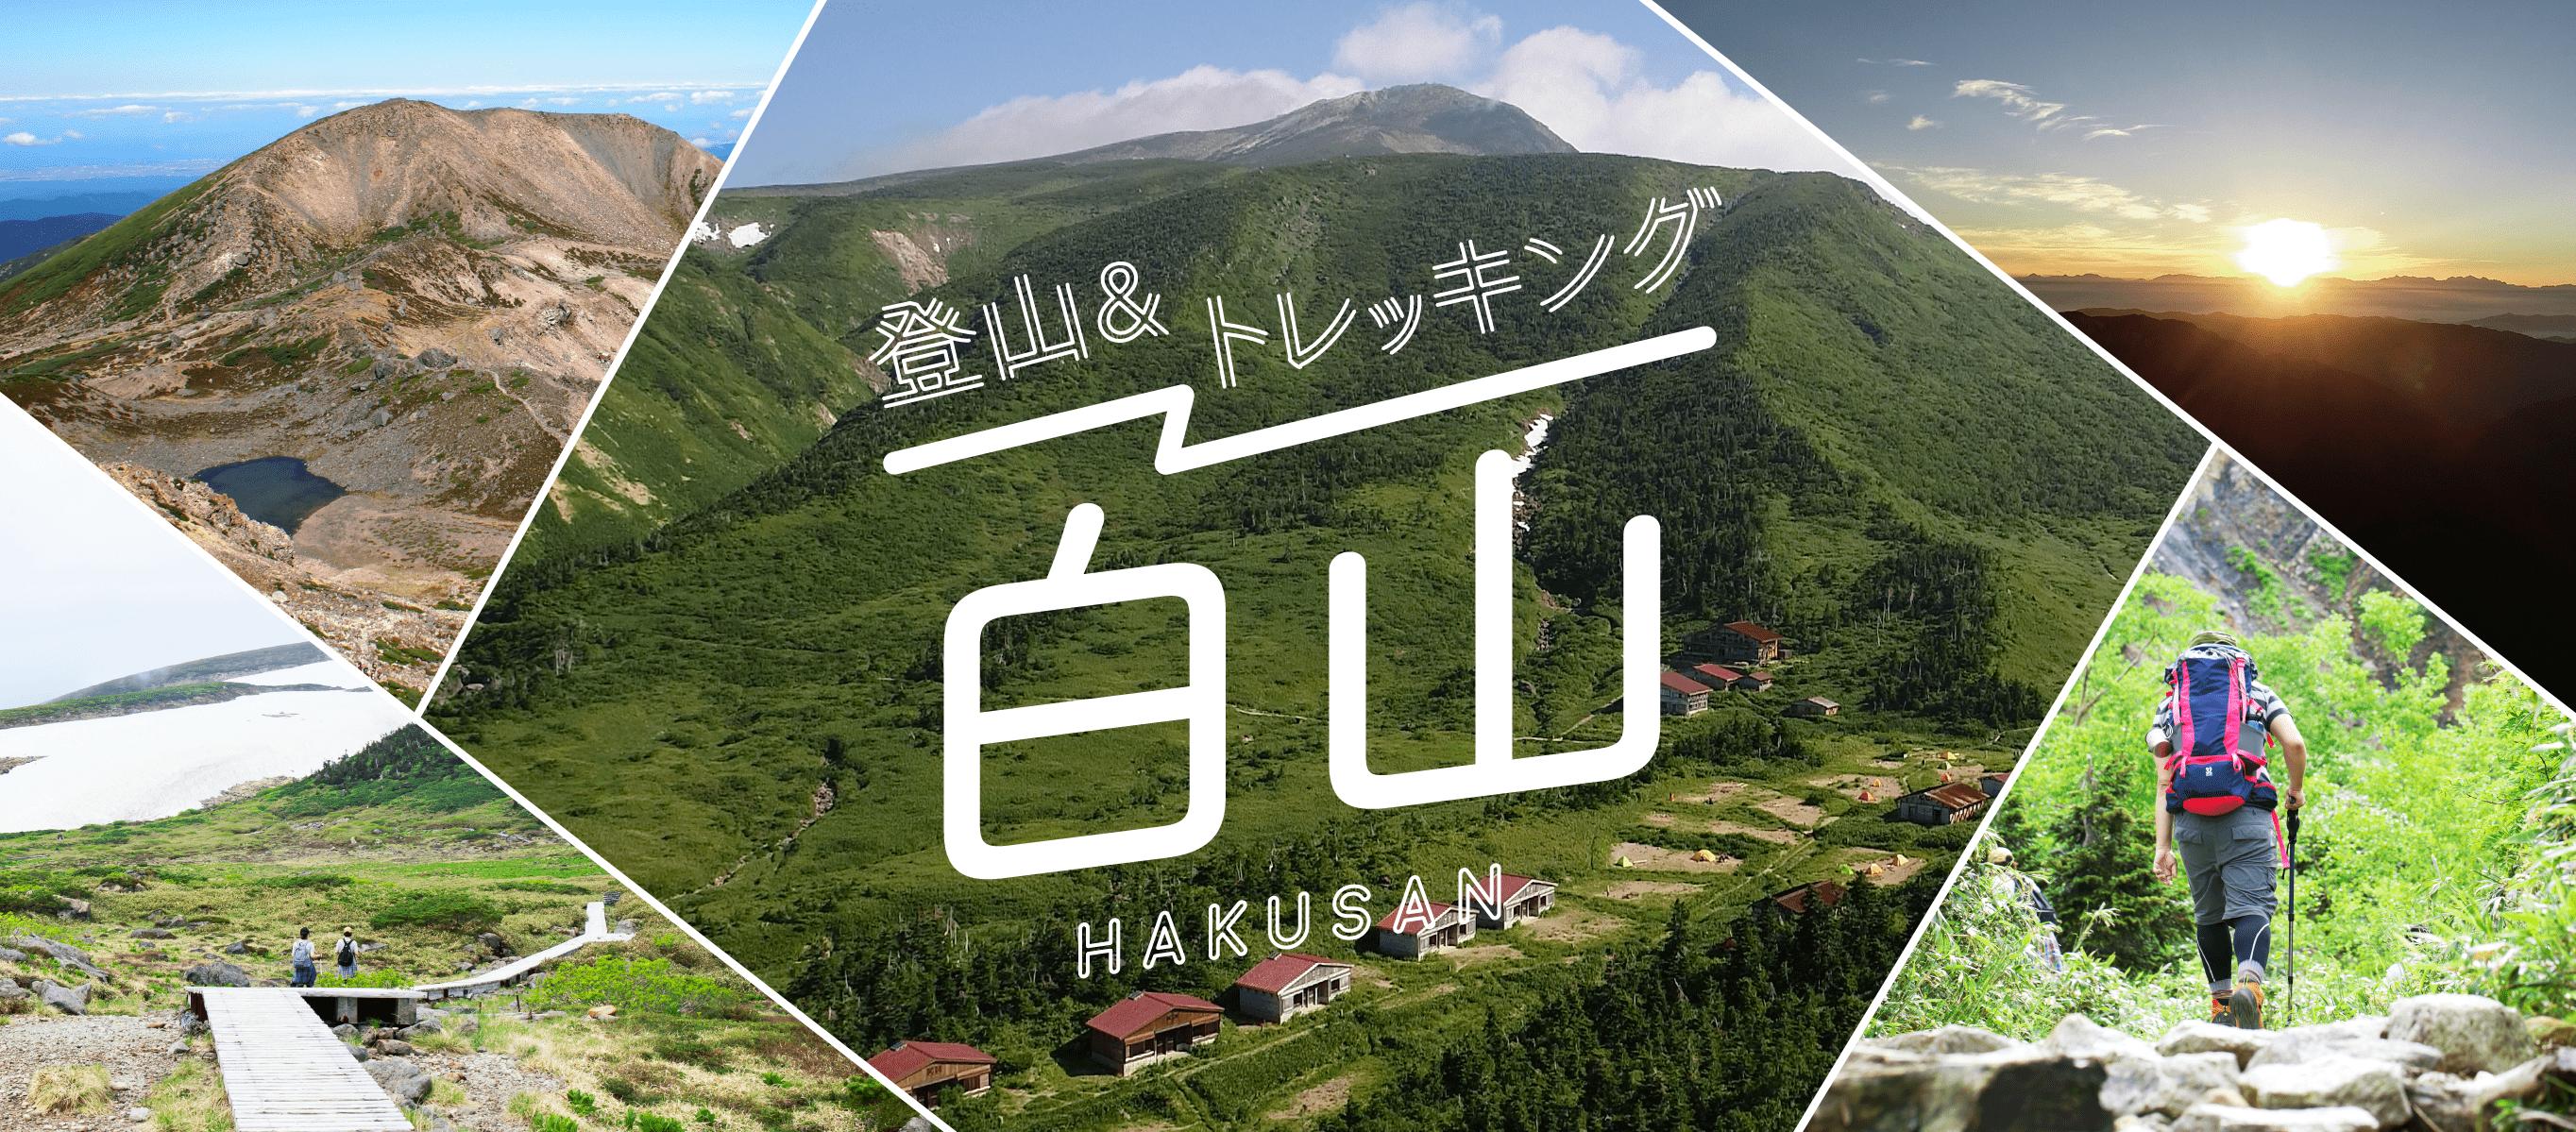 登山&トレッキング 白山 HAKUSAN